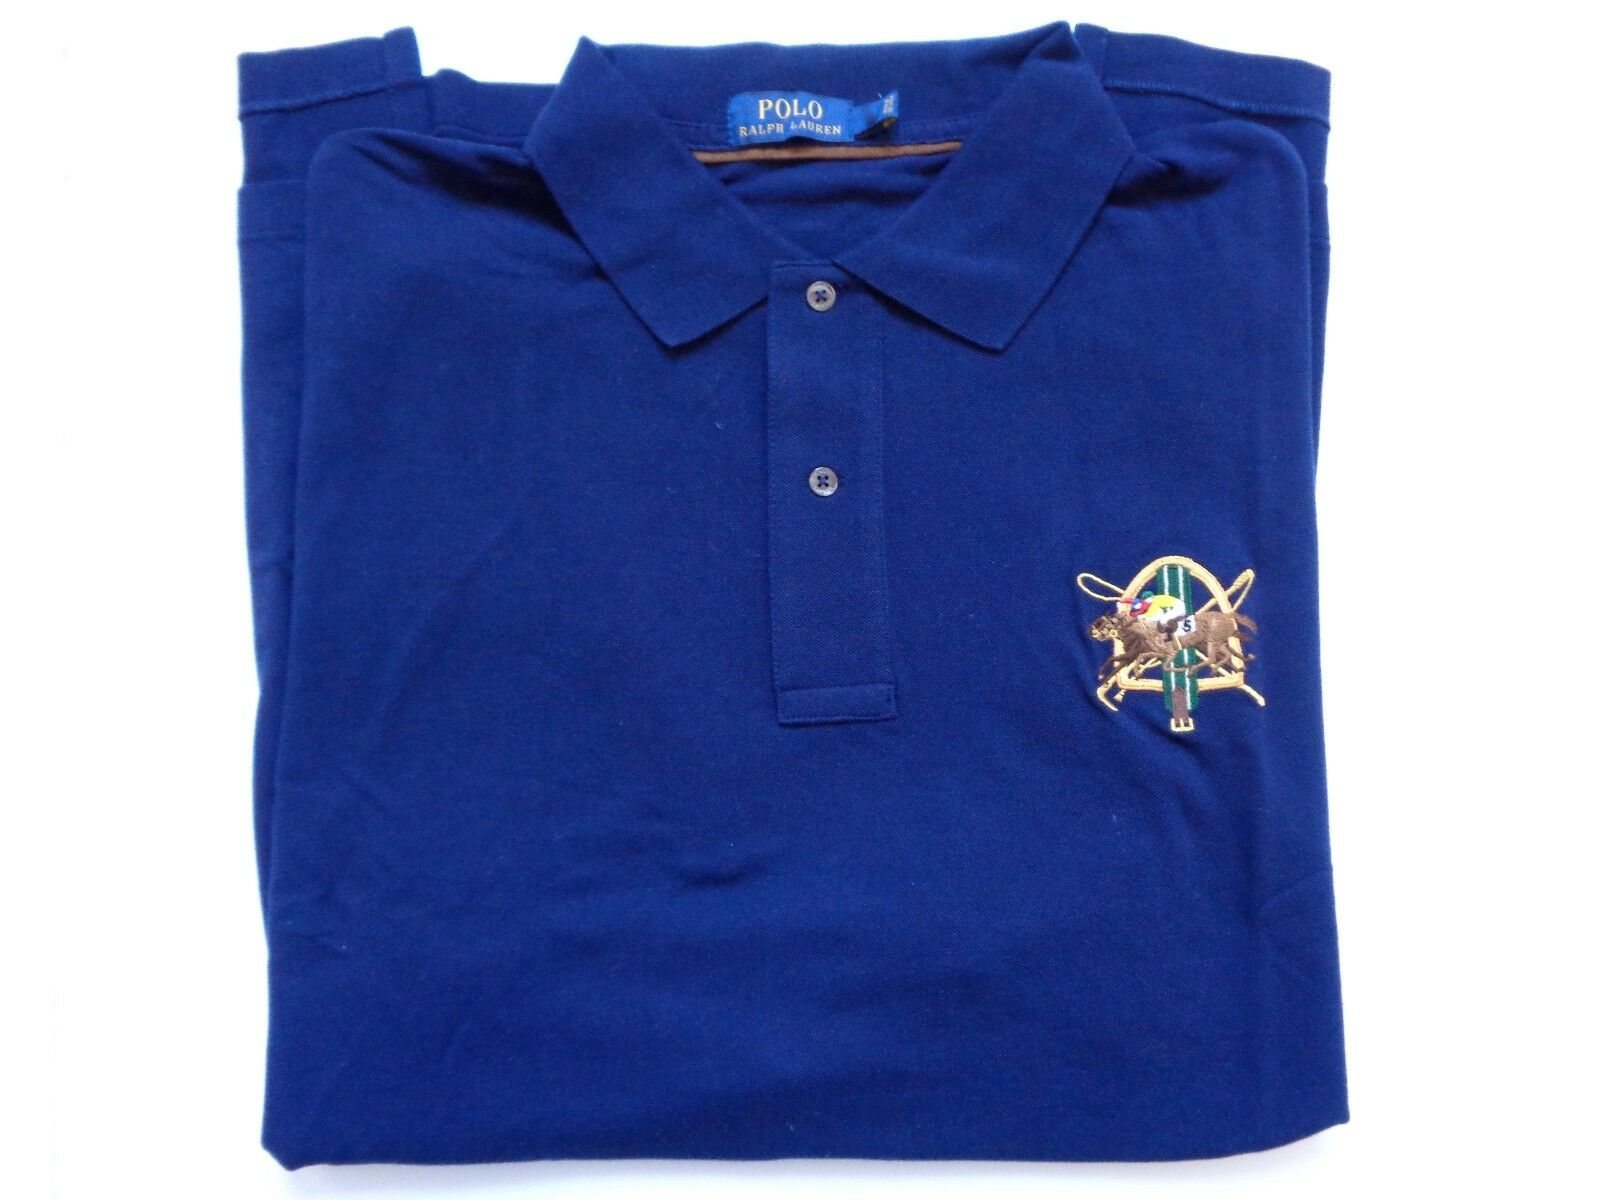 New Ralph Lauren Polo Big & Tall Cotton Navy bluee Equestrian Patch Shirt sz XLT